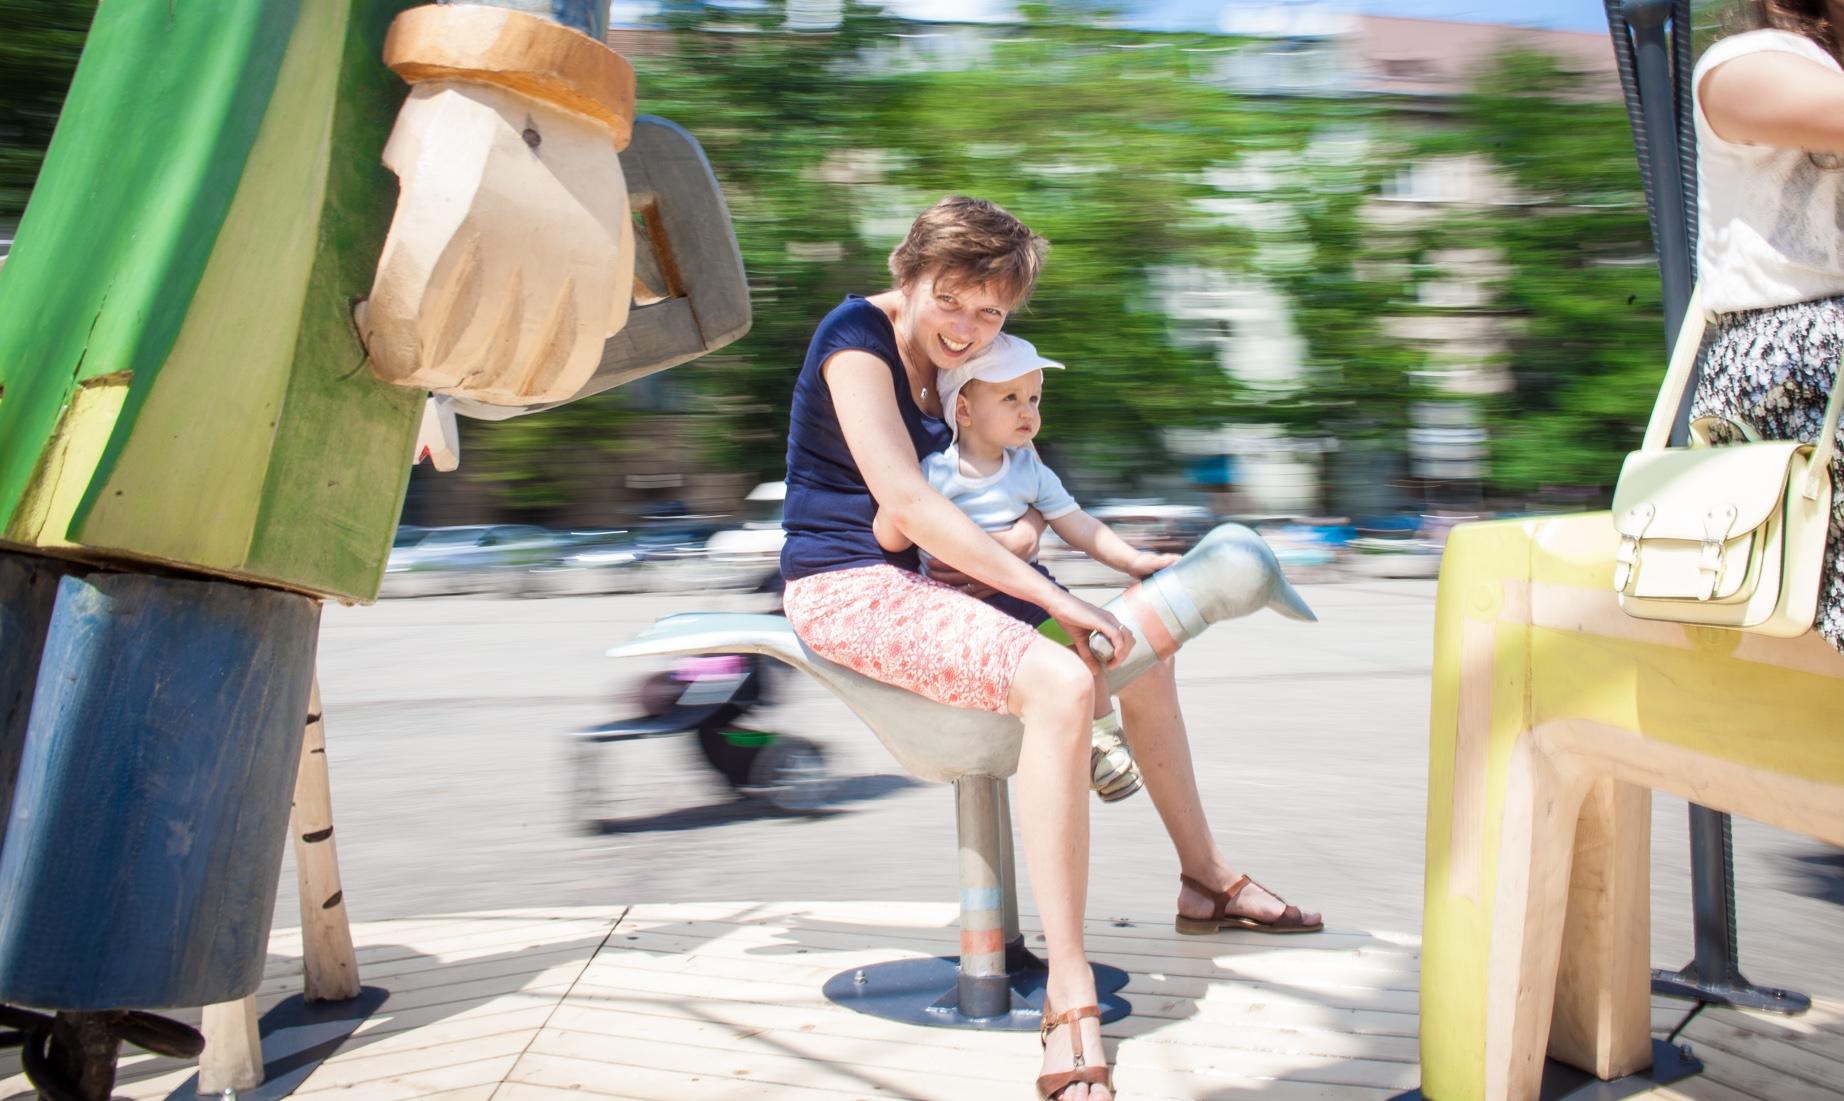 Jak wyglądałby świat gdyby rządziły nim zasady wymyślone przez dzieci? Jakie słowa dodają dzieciom skrzydeł? Co w naszej rzeczywistości chciałyby zmienić? W sobotę, 2 czerwca zapraszamy na plenerowy Dzień Dziecka na Placu Wolnica.